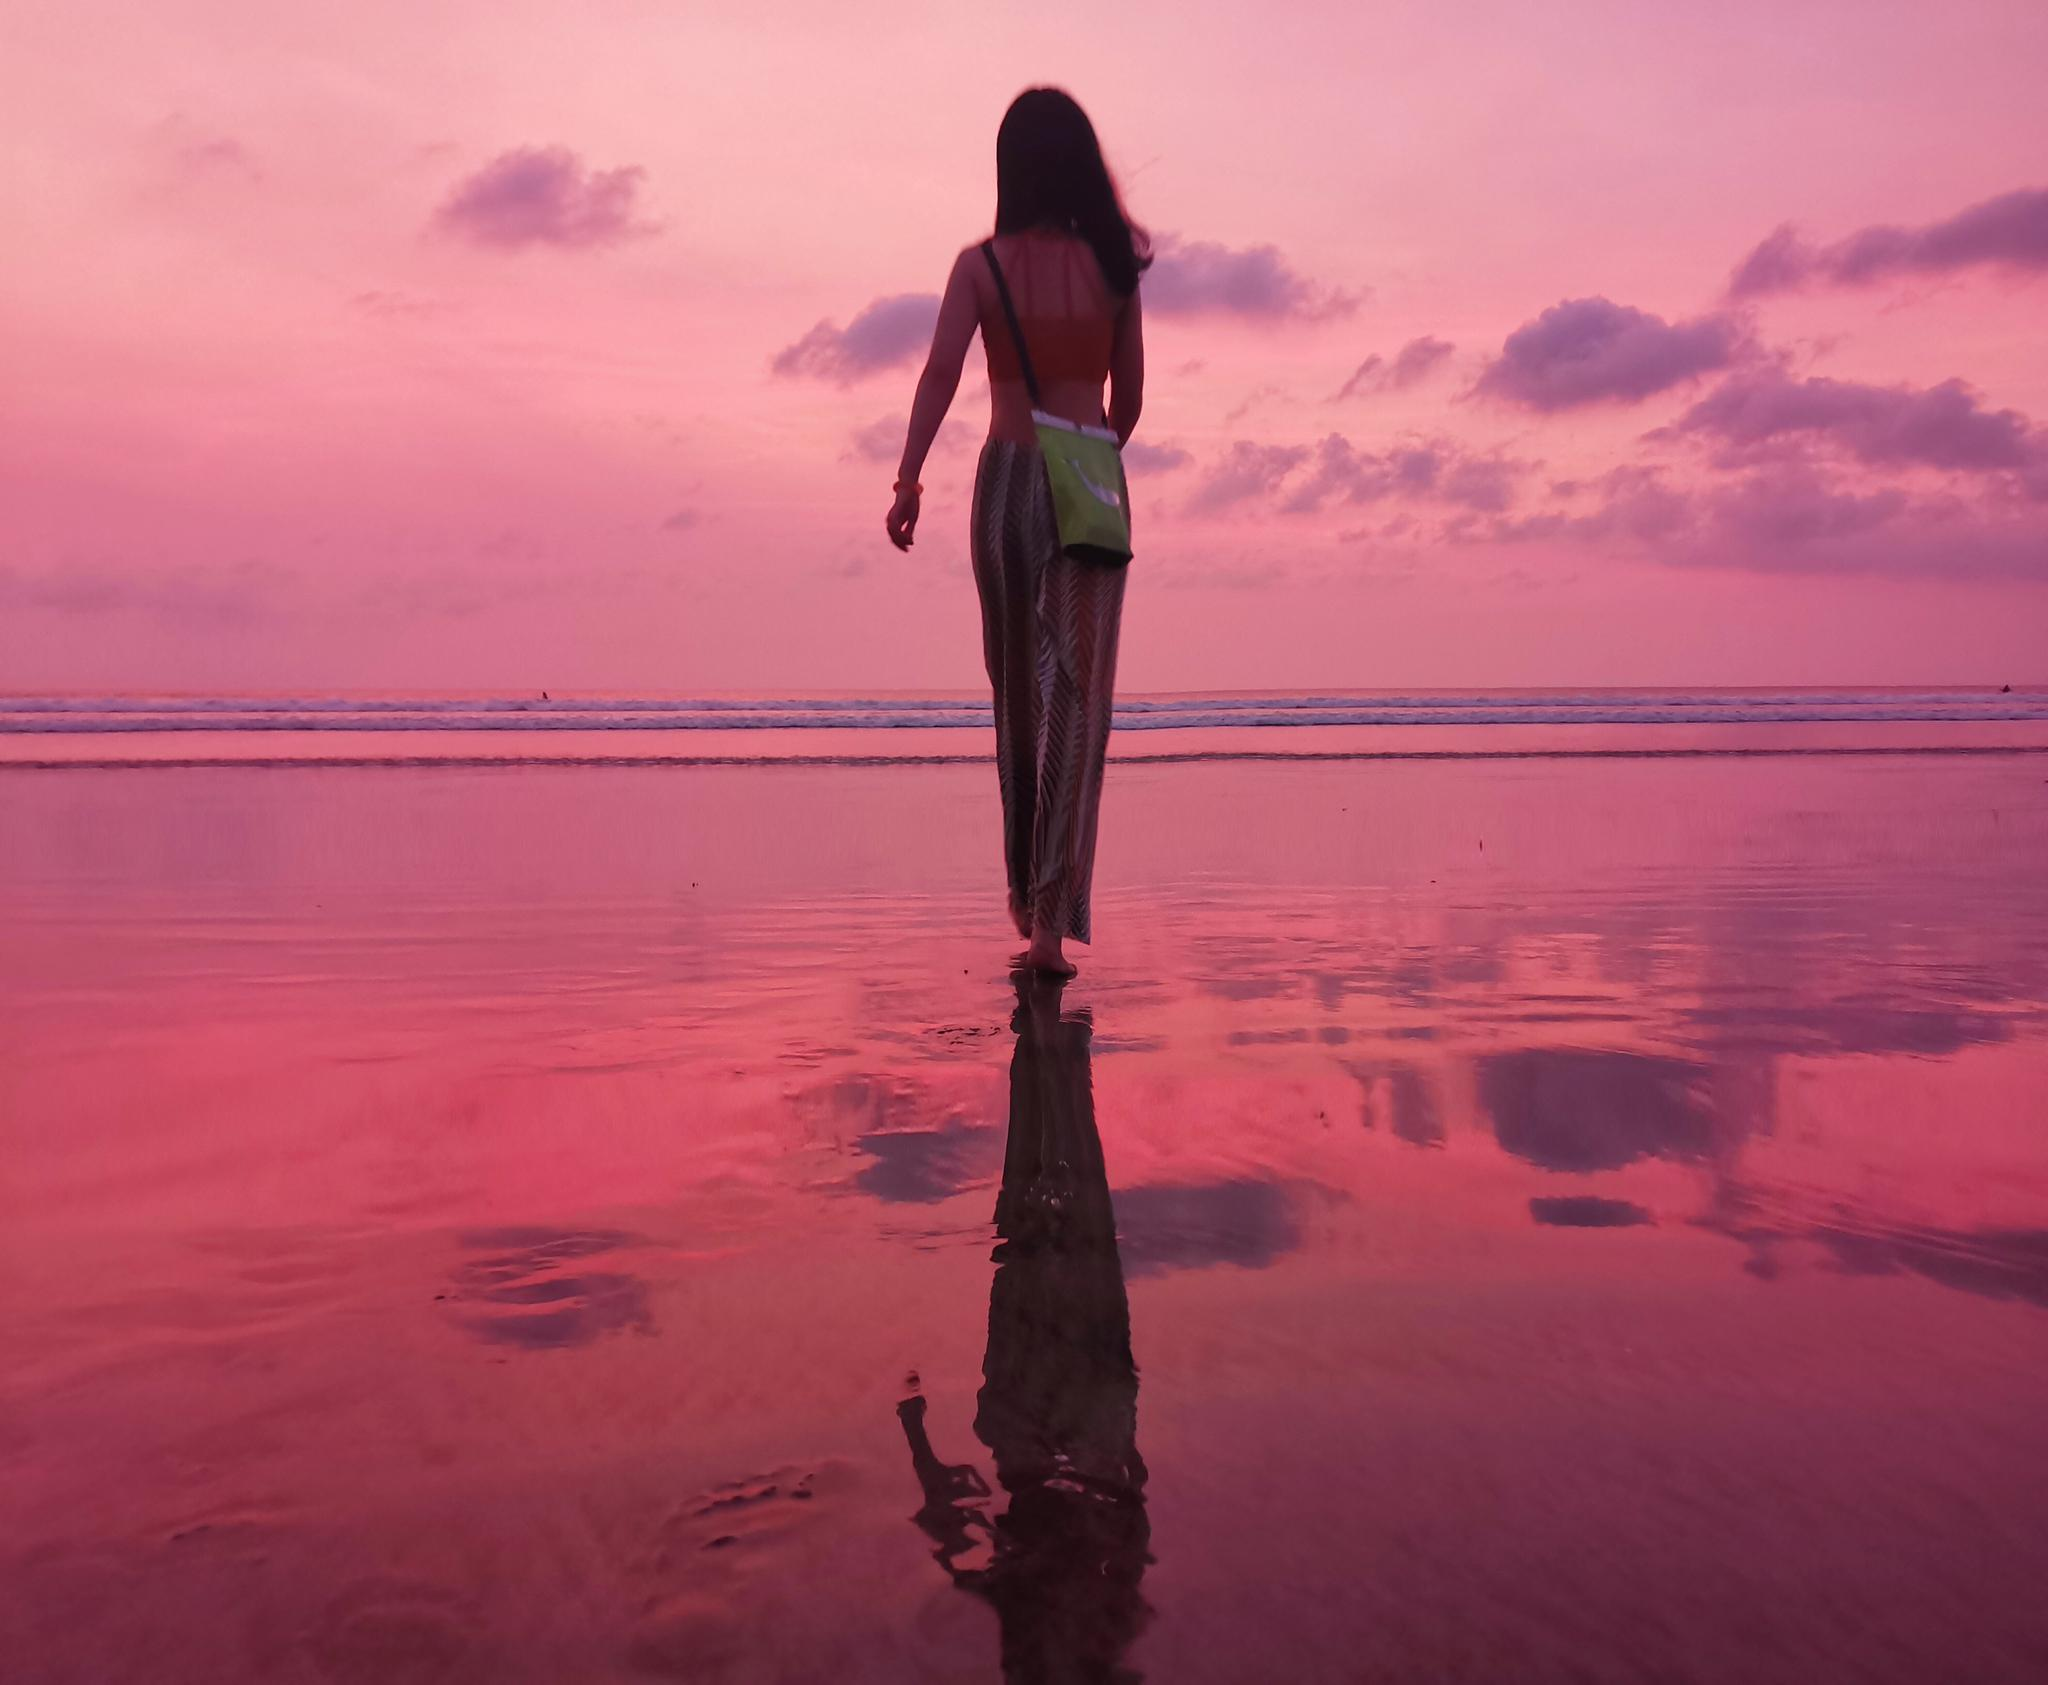 色彩斑斓的巴厘岛